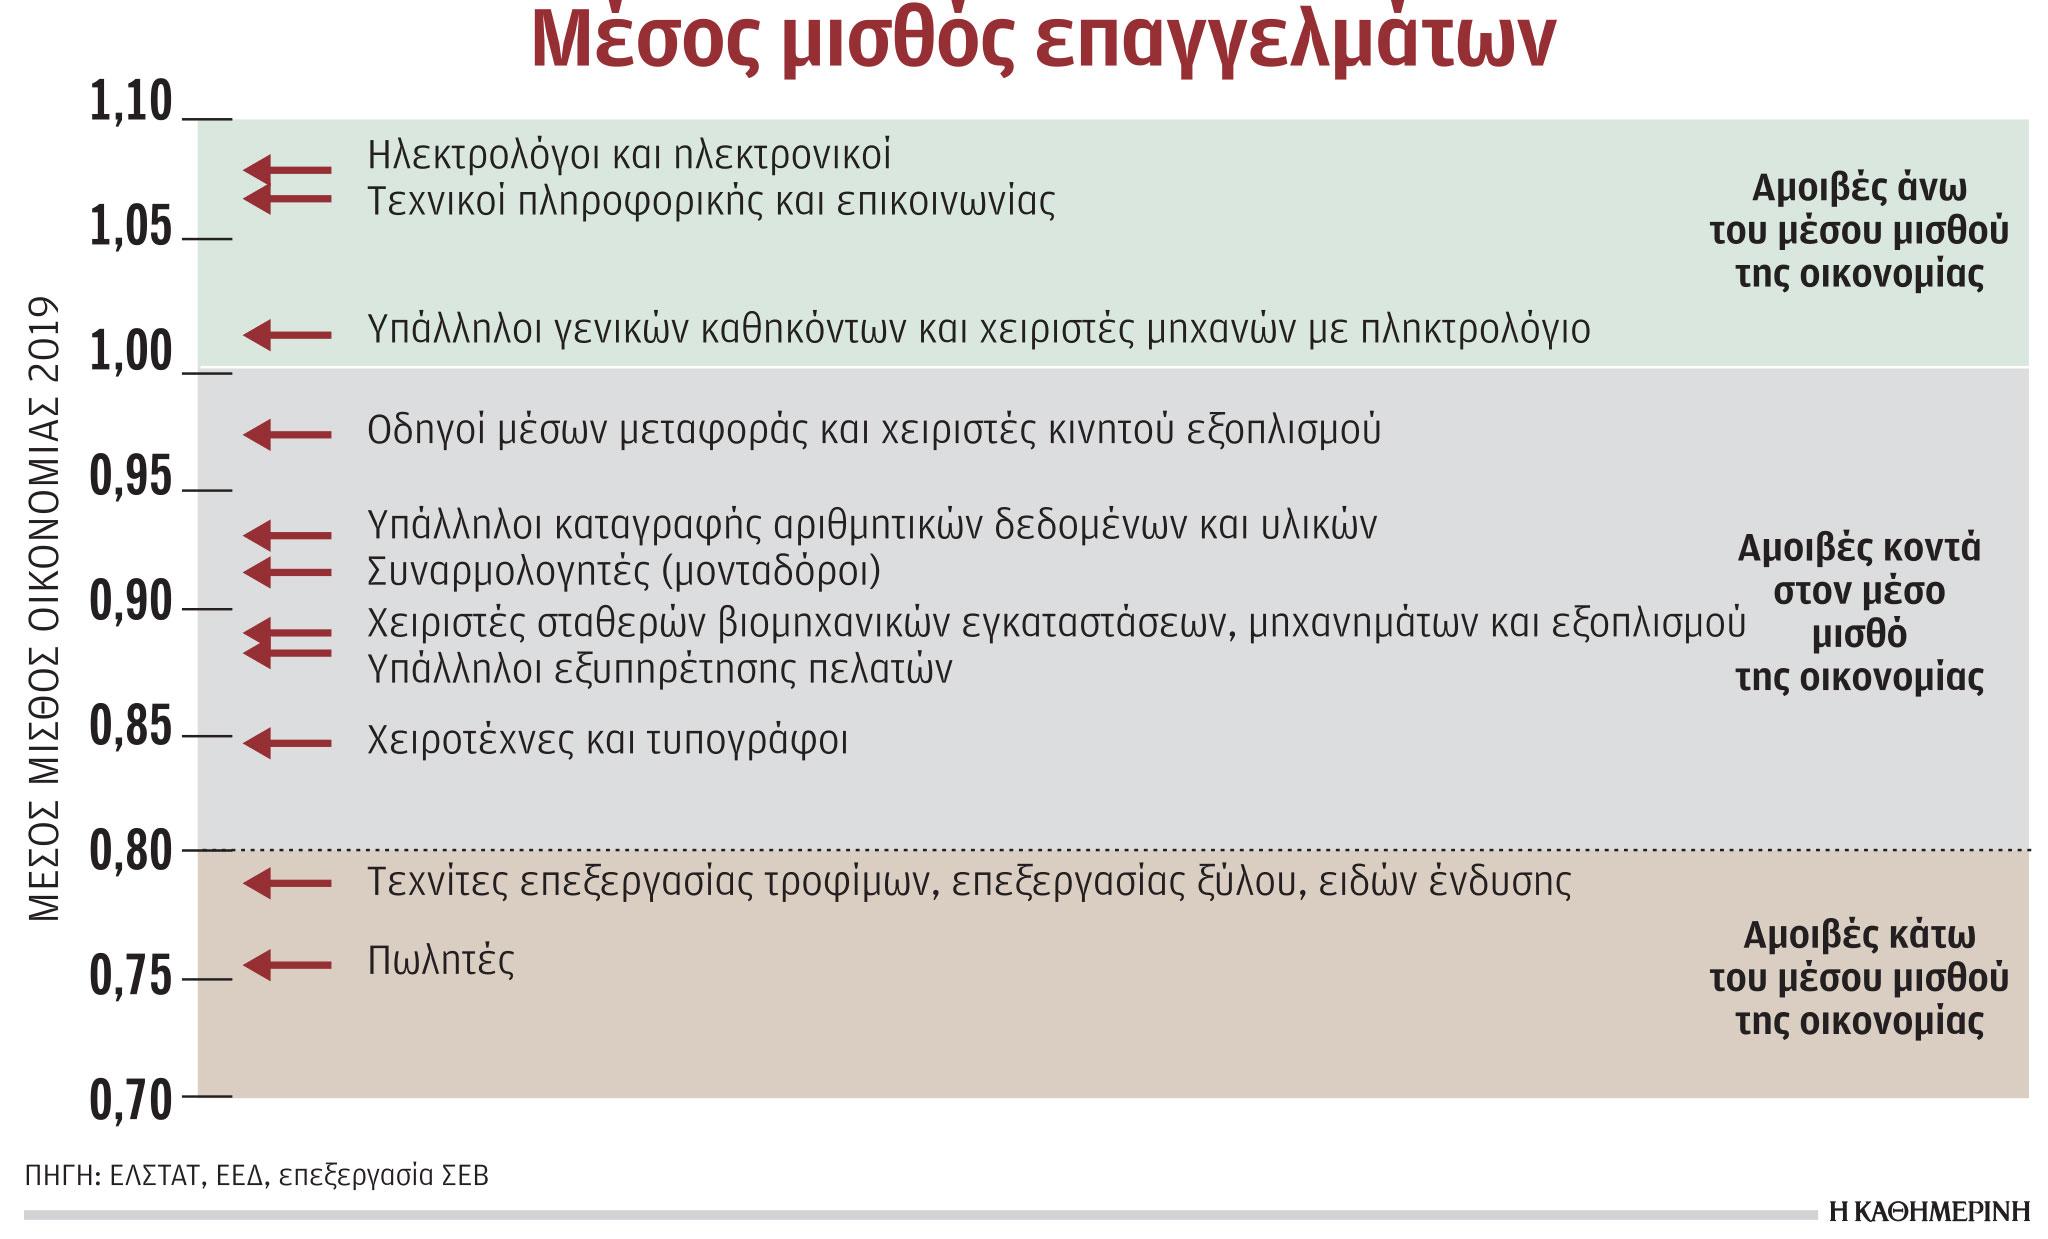 kalopliromena-technika-epaggelmata-poy-leipoyn1